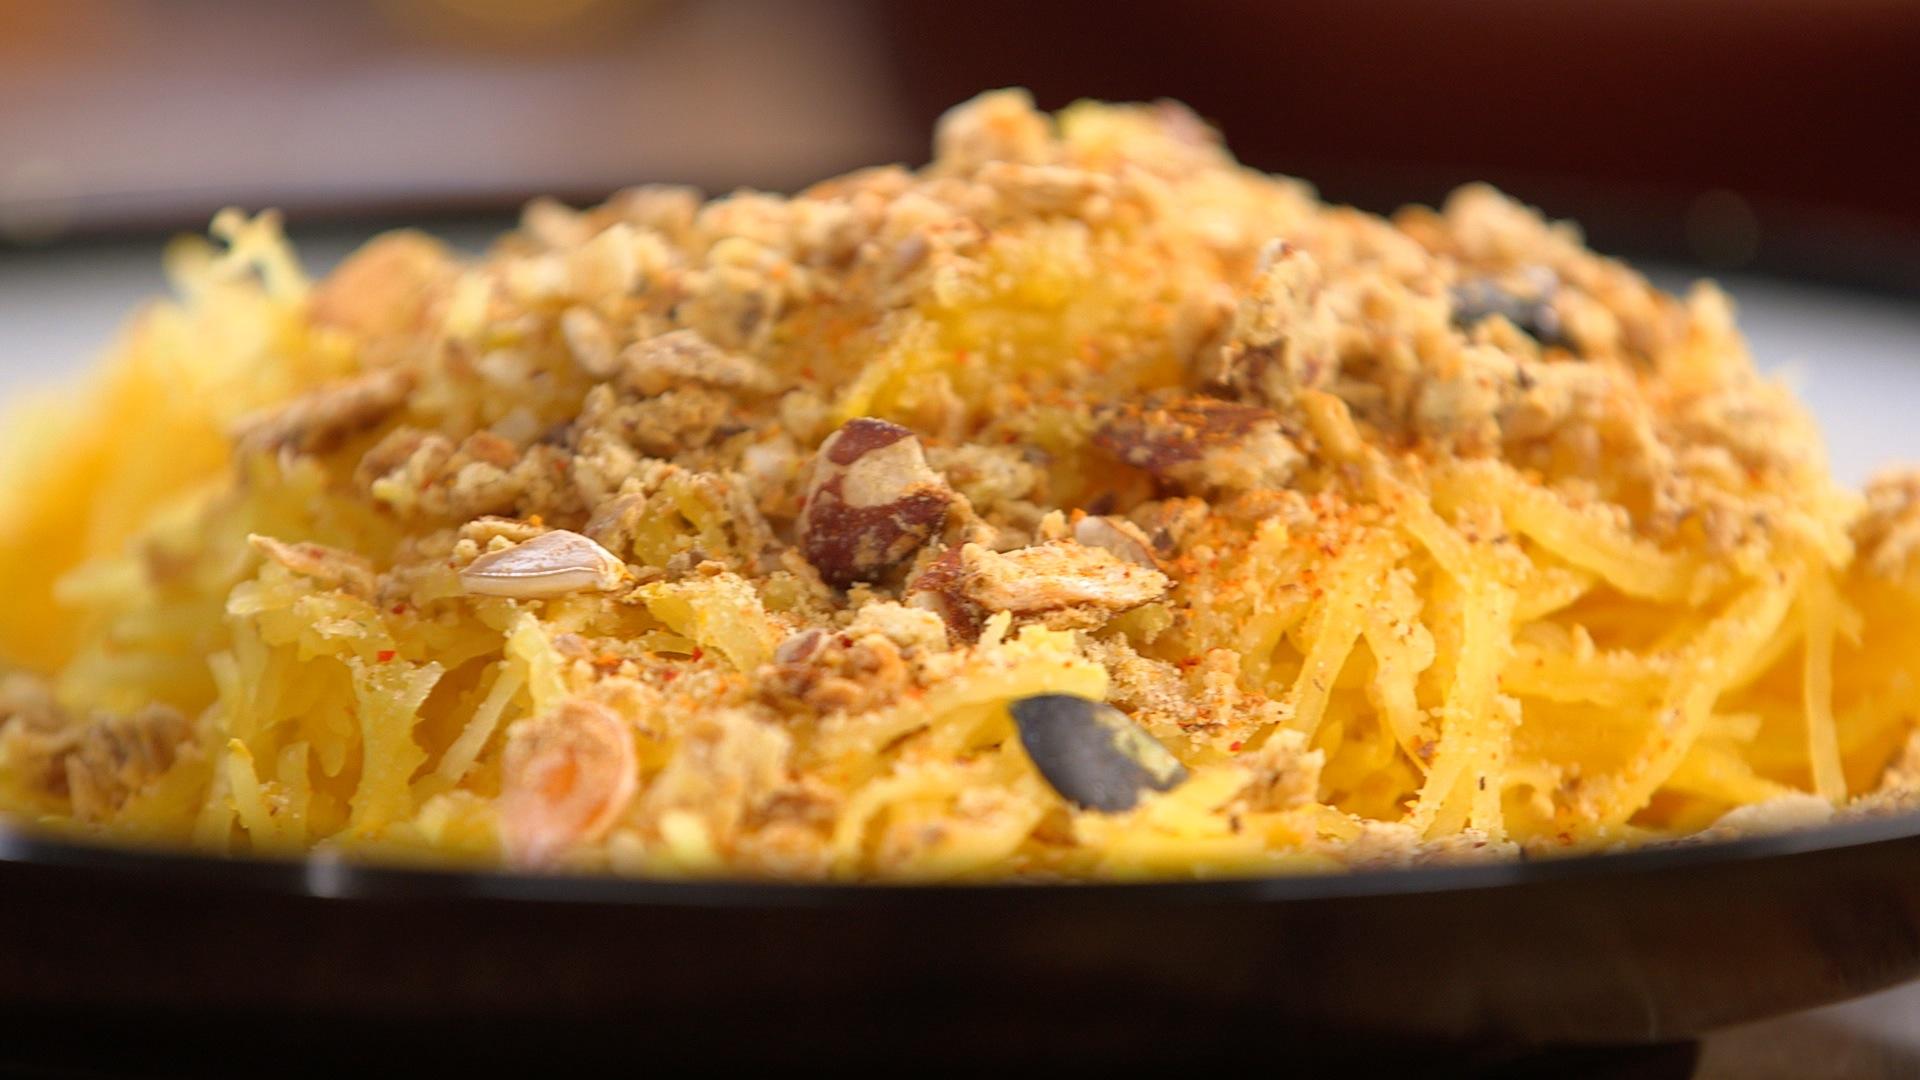 Ma recette de crumble de courge spaghetti laurent mariotte - Recette cuisine tf1 petit plat en equilibre ...